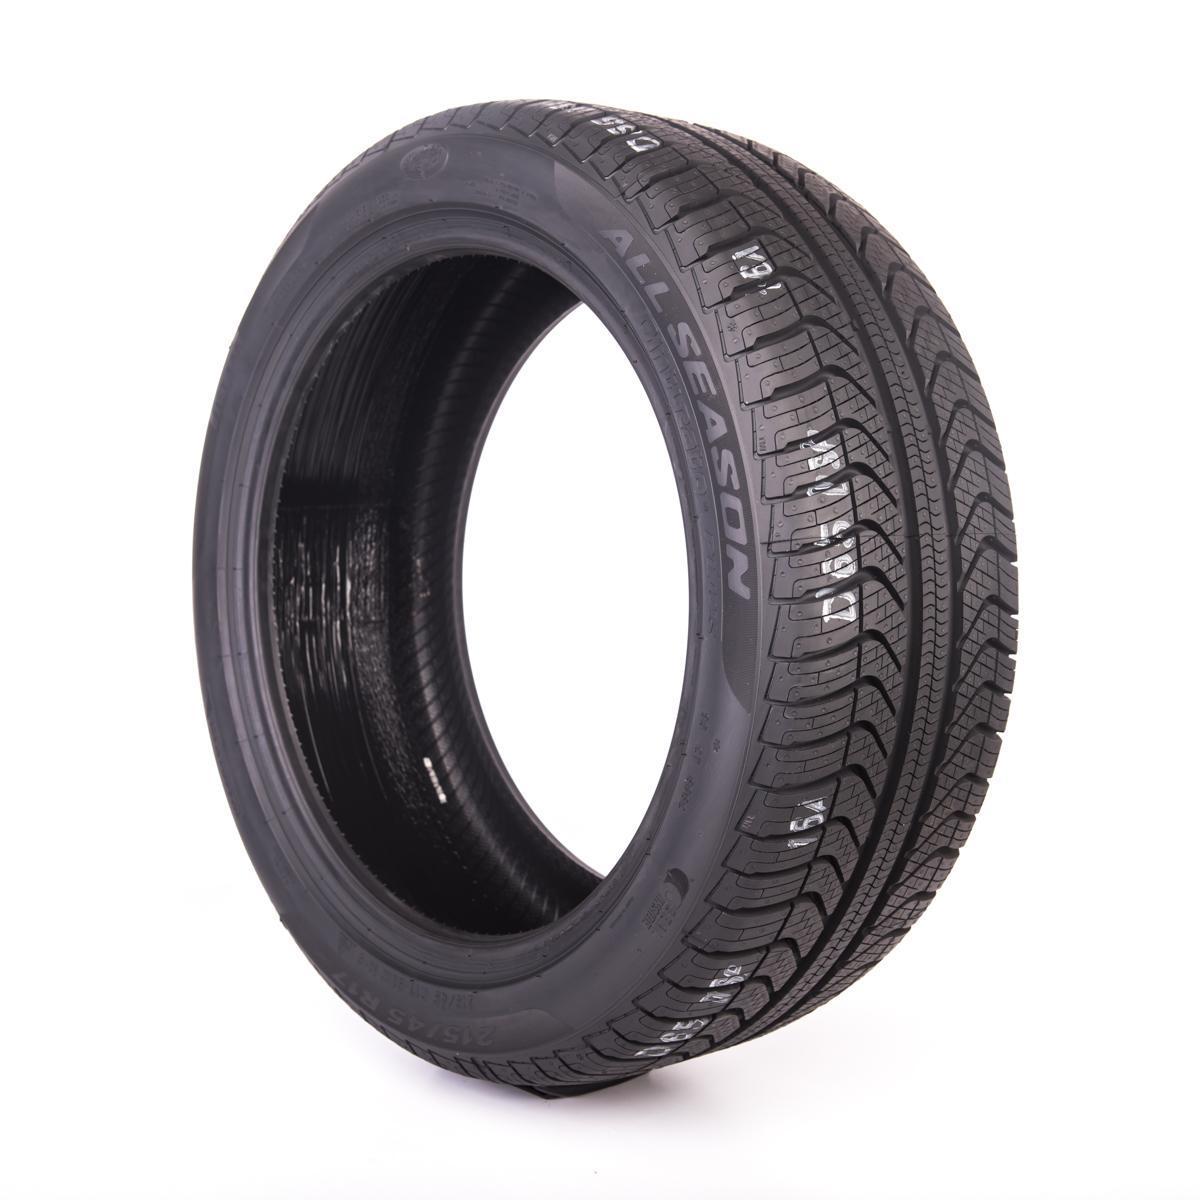 Pirelli, CINTURATO AS + Allseason 151188